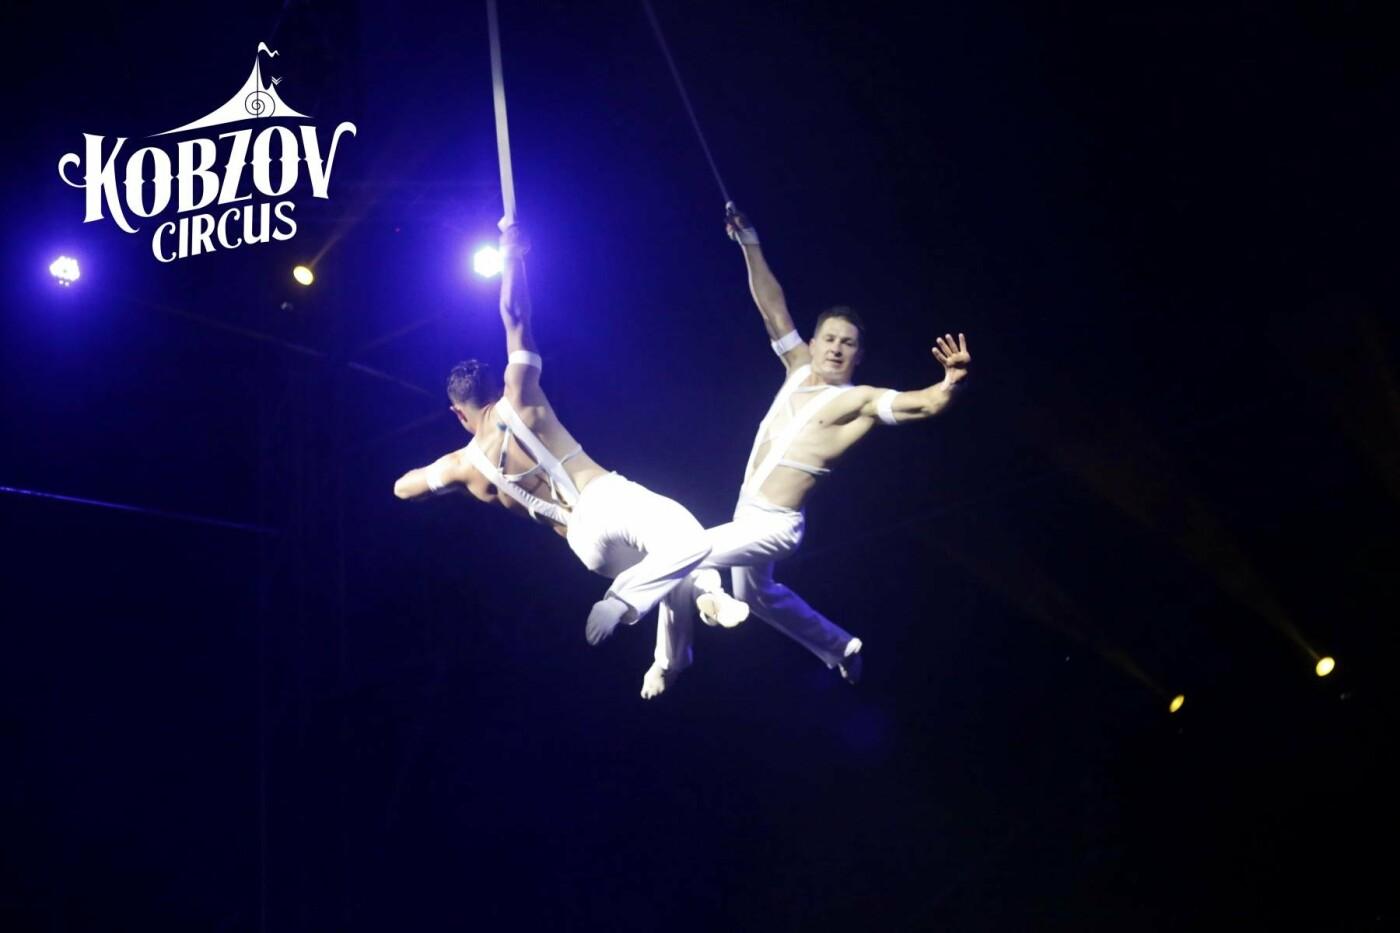 Найбільший цирк України – цирк «Кобзов», готовий дивувати, надихати і приносити радість!, фото-2